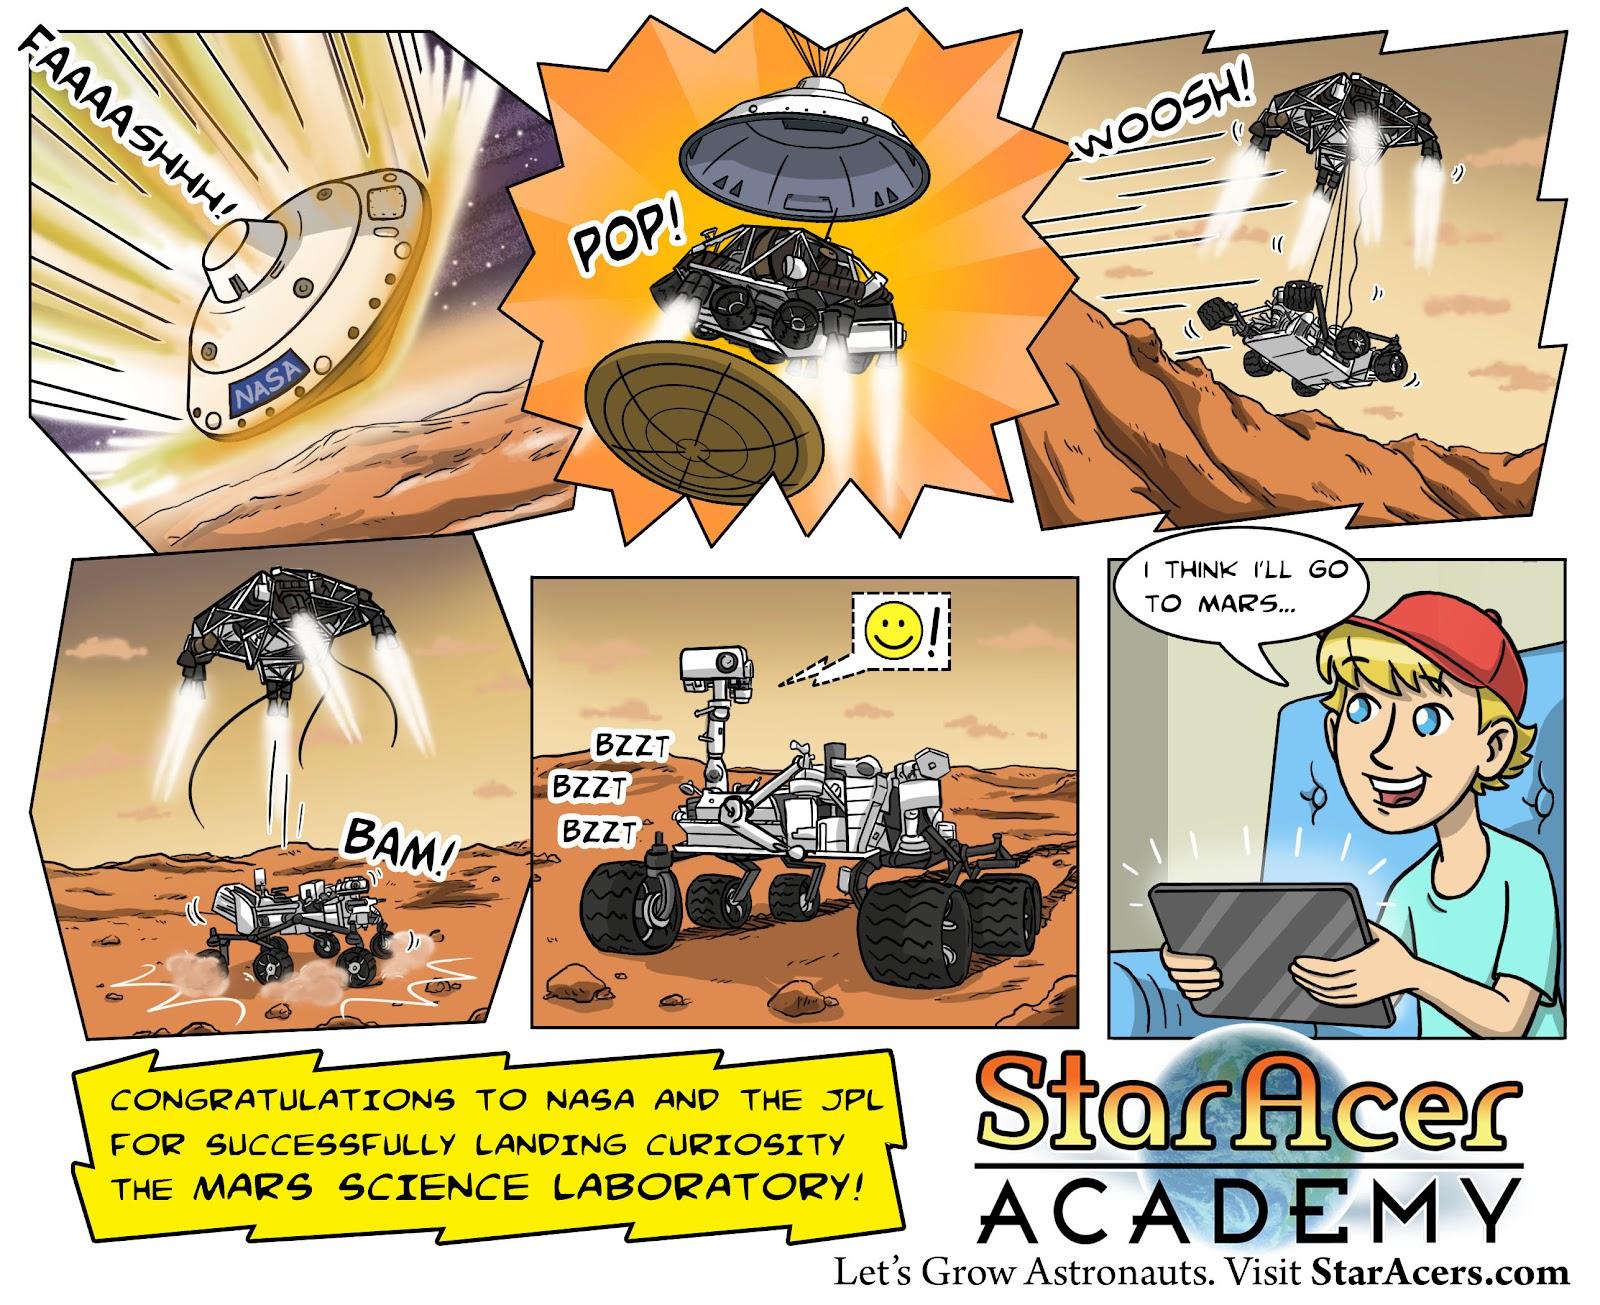 mars rover cartoon - photo #40